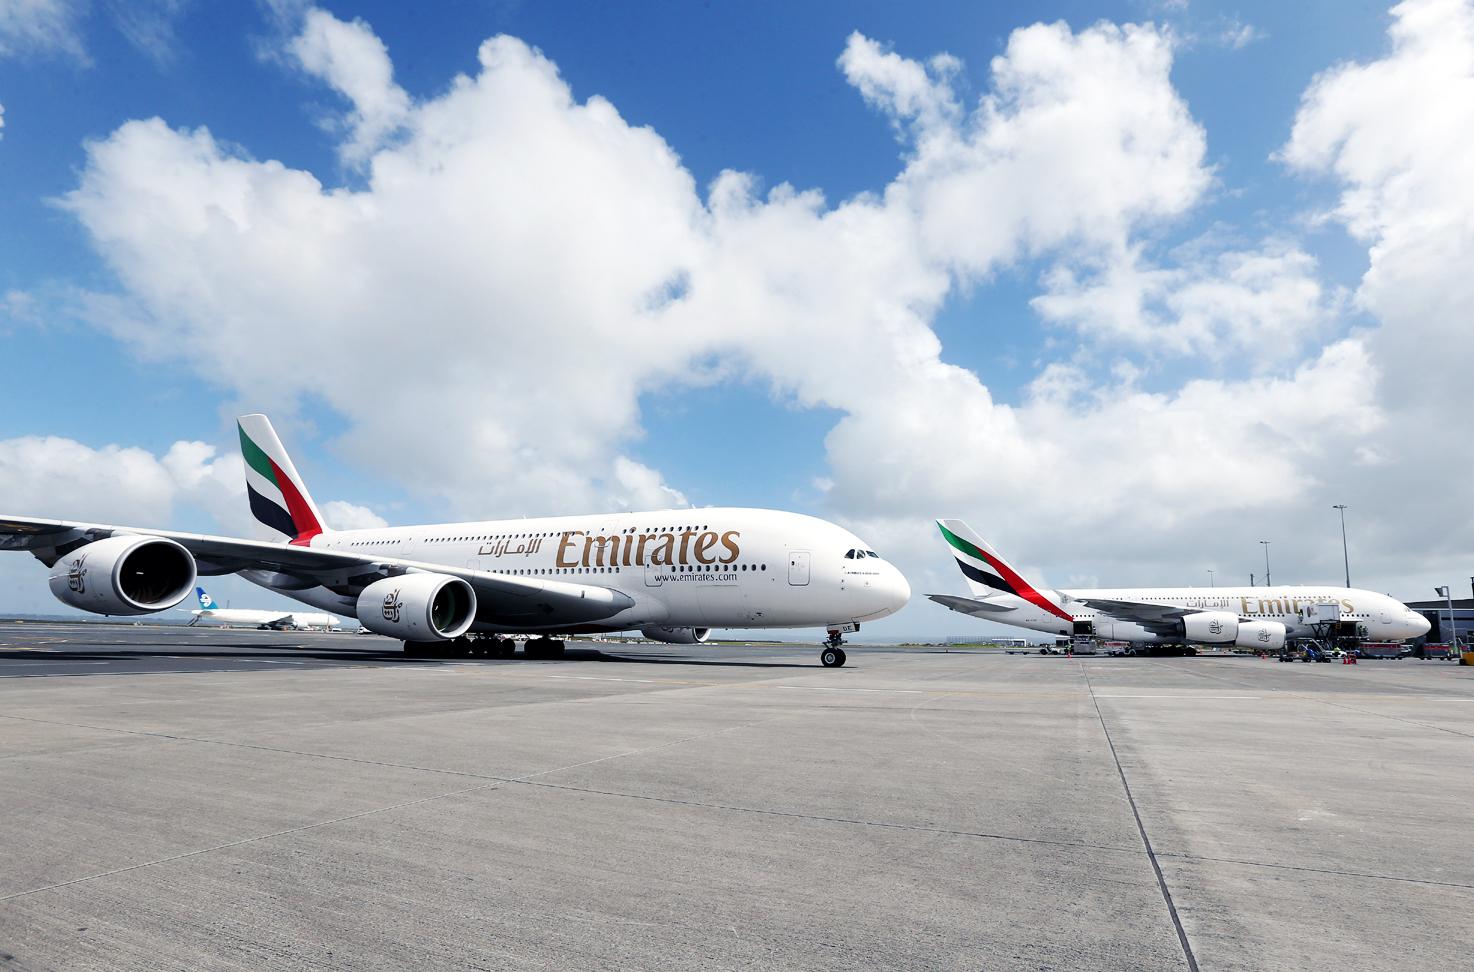 Emirates, Aerolínea del Año en los Premios Air Transport 2018